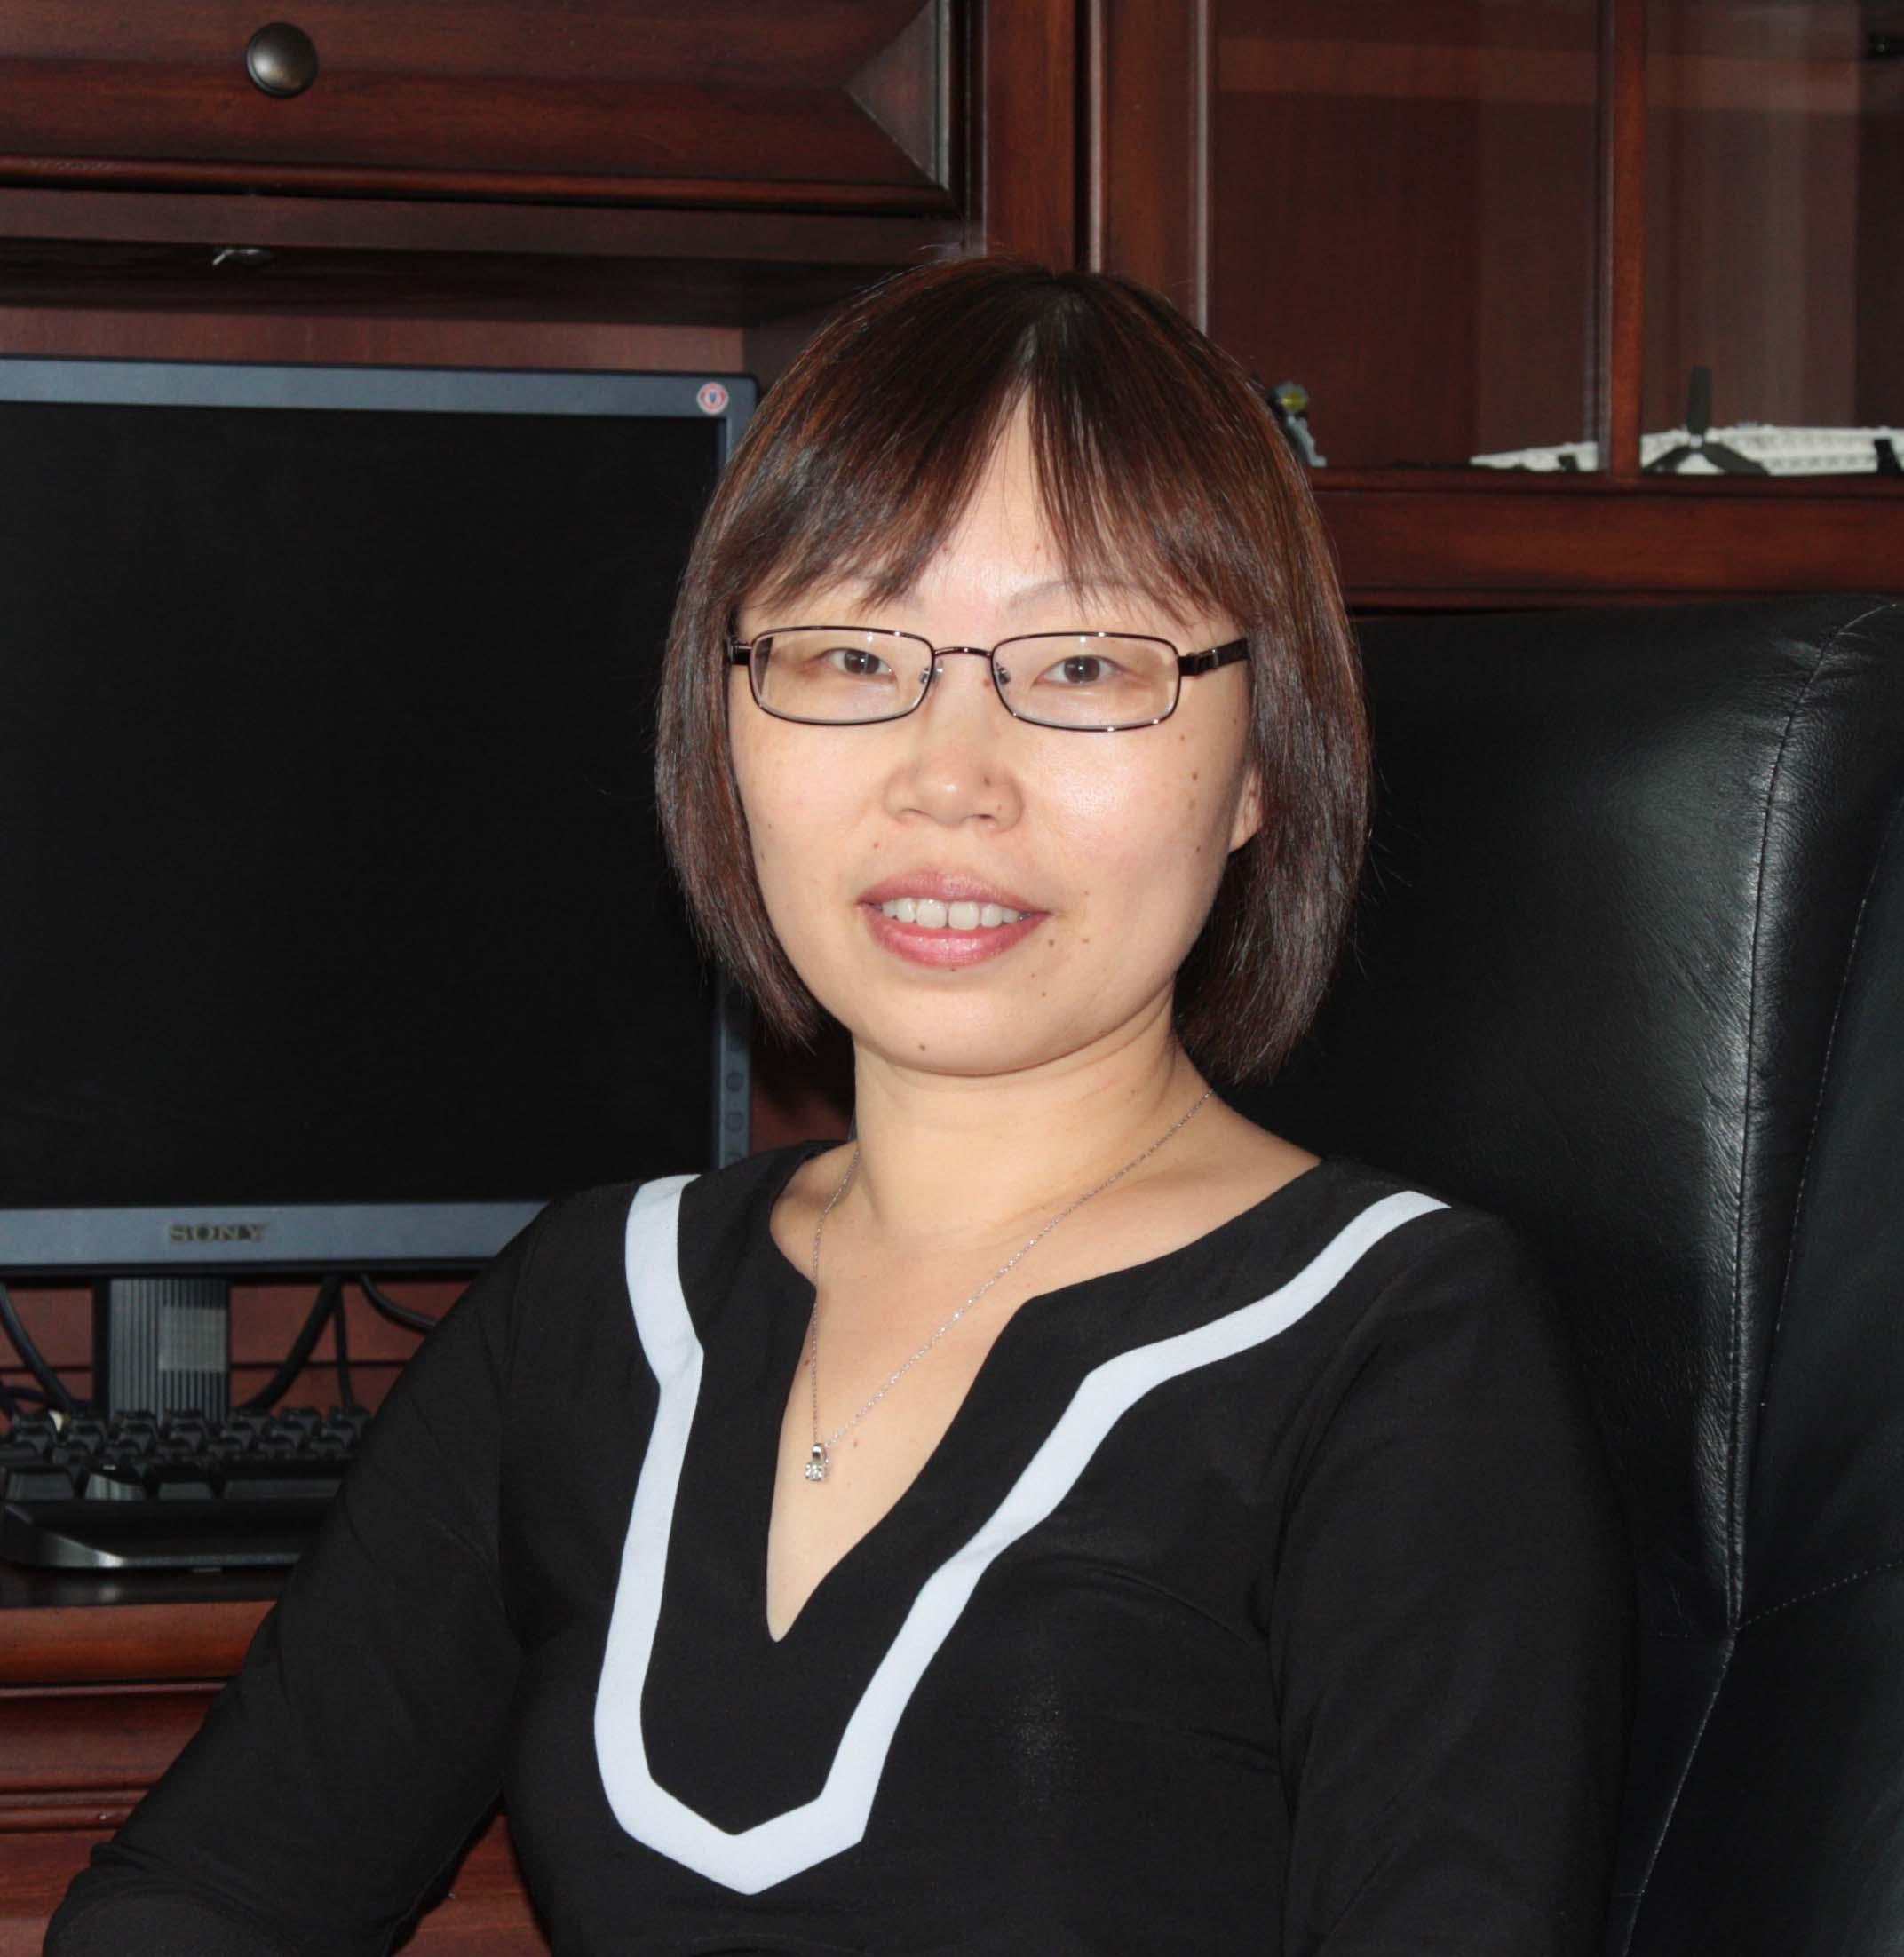 Cheng Cameron Yin